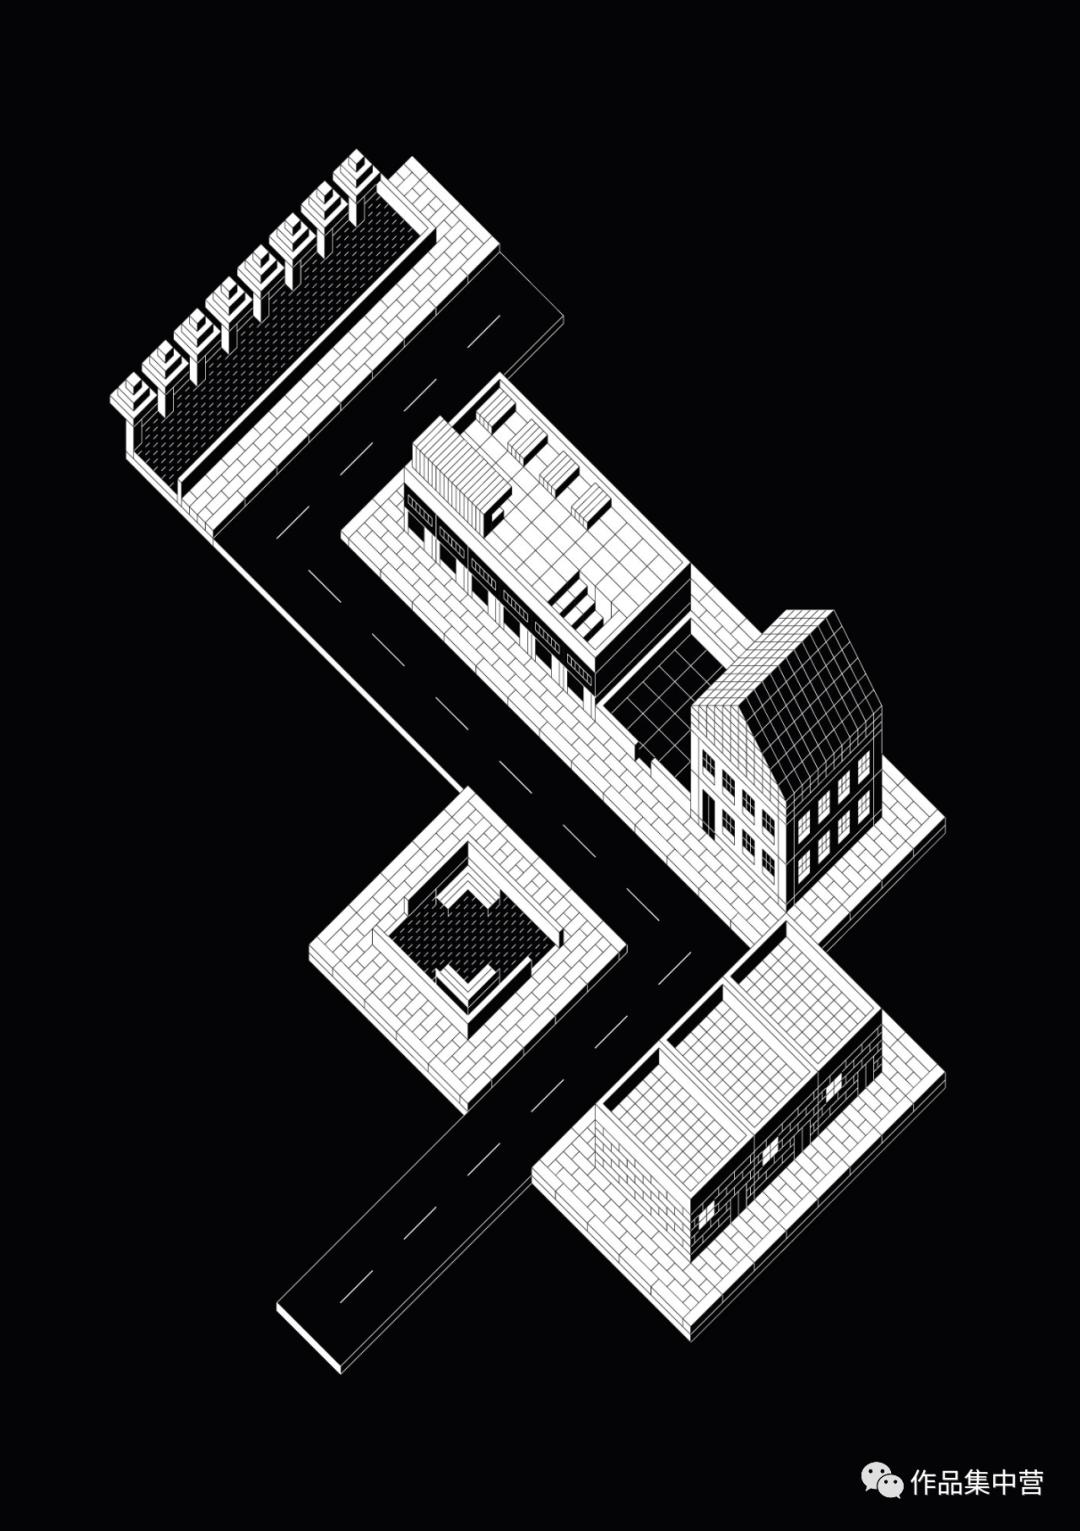 轴测图的魅力 | PeterJudson与AlbertoSartoris的轴测赏析